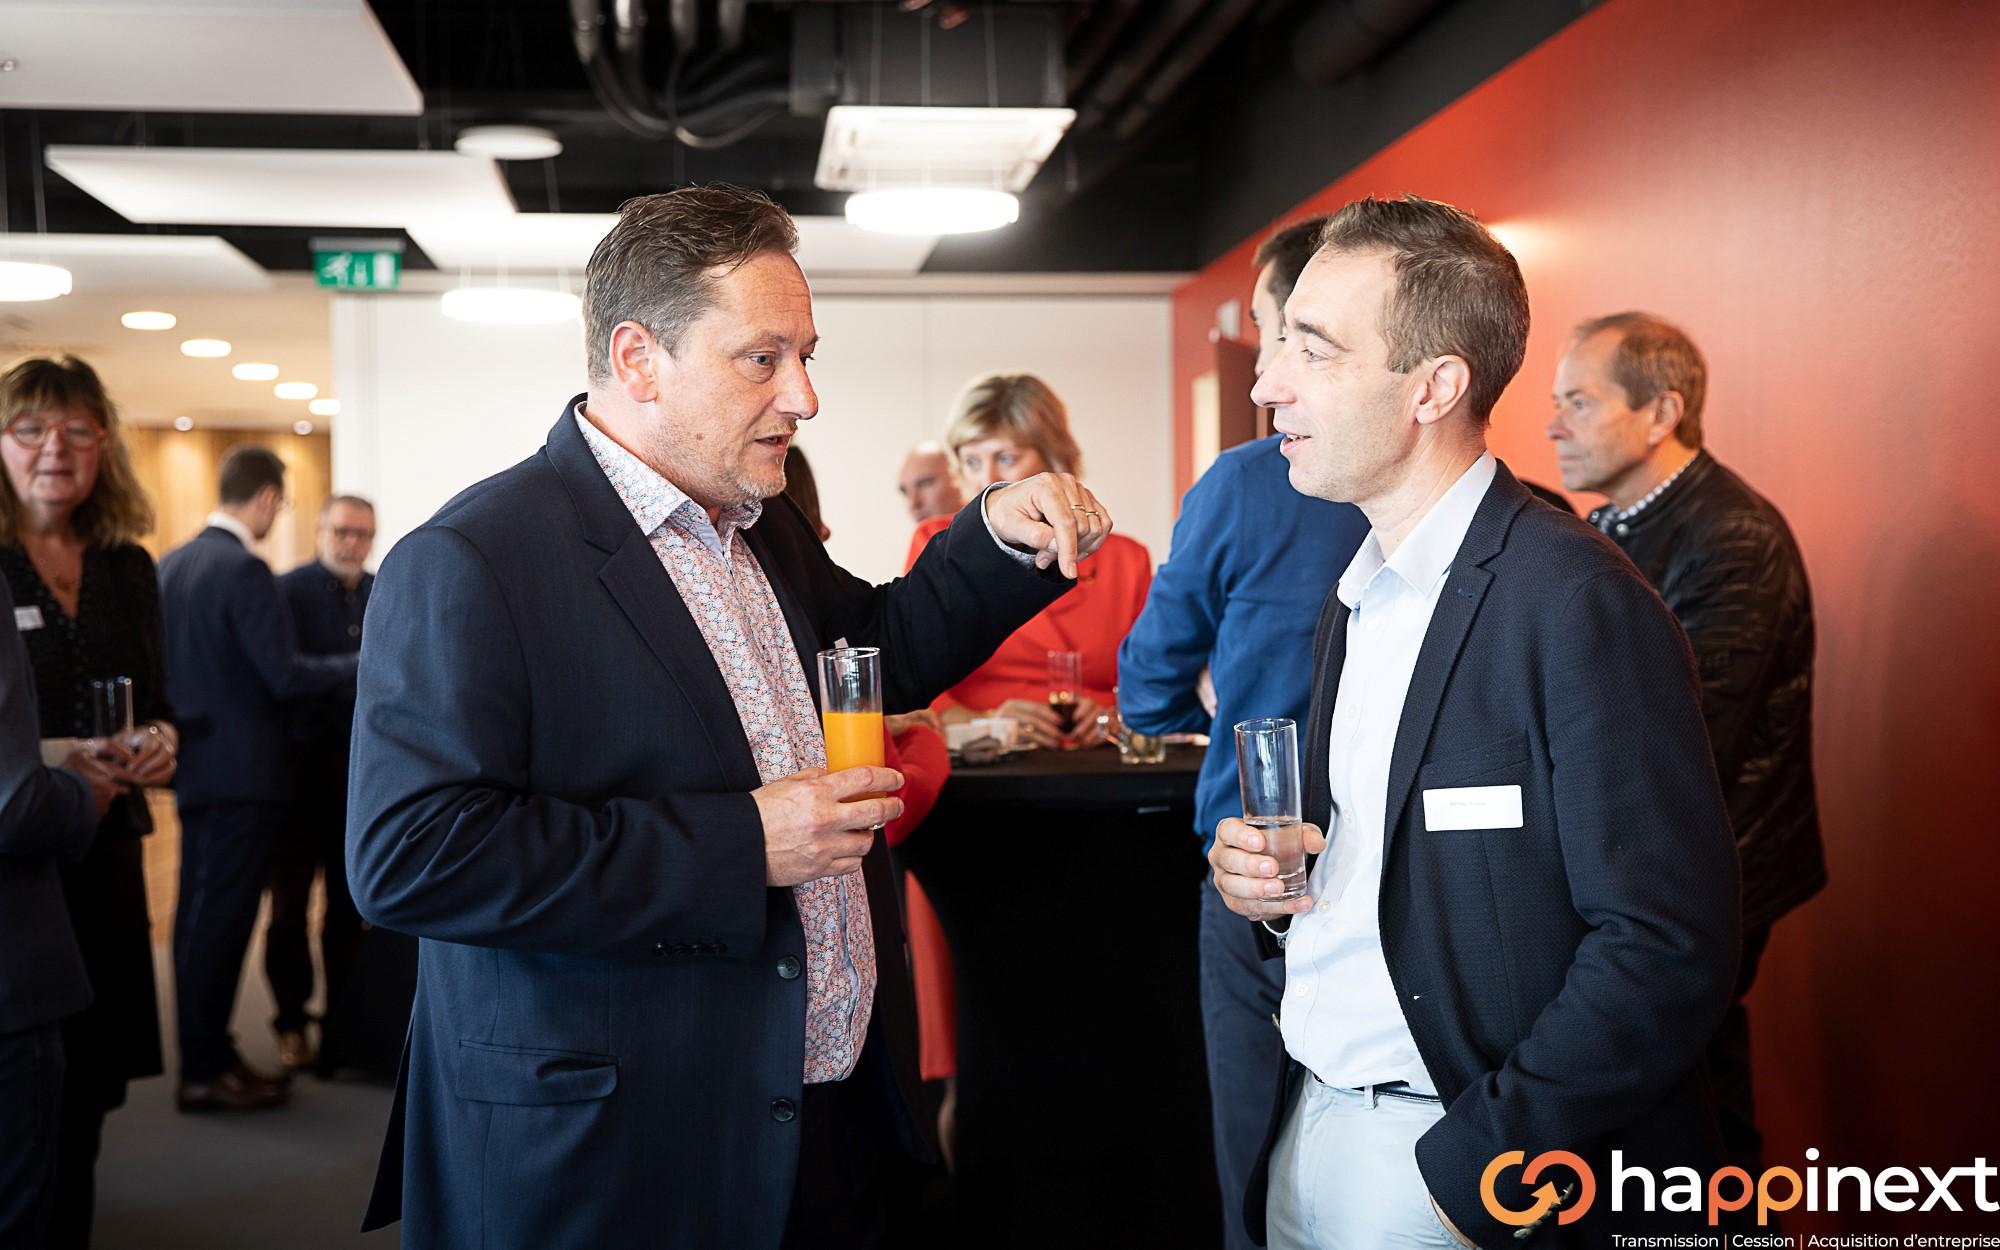 Cession et Acquisition d'entreprise Happinext Wallonie-Belgique